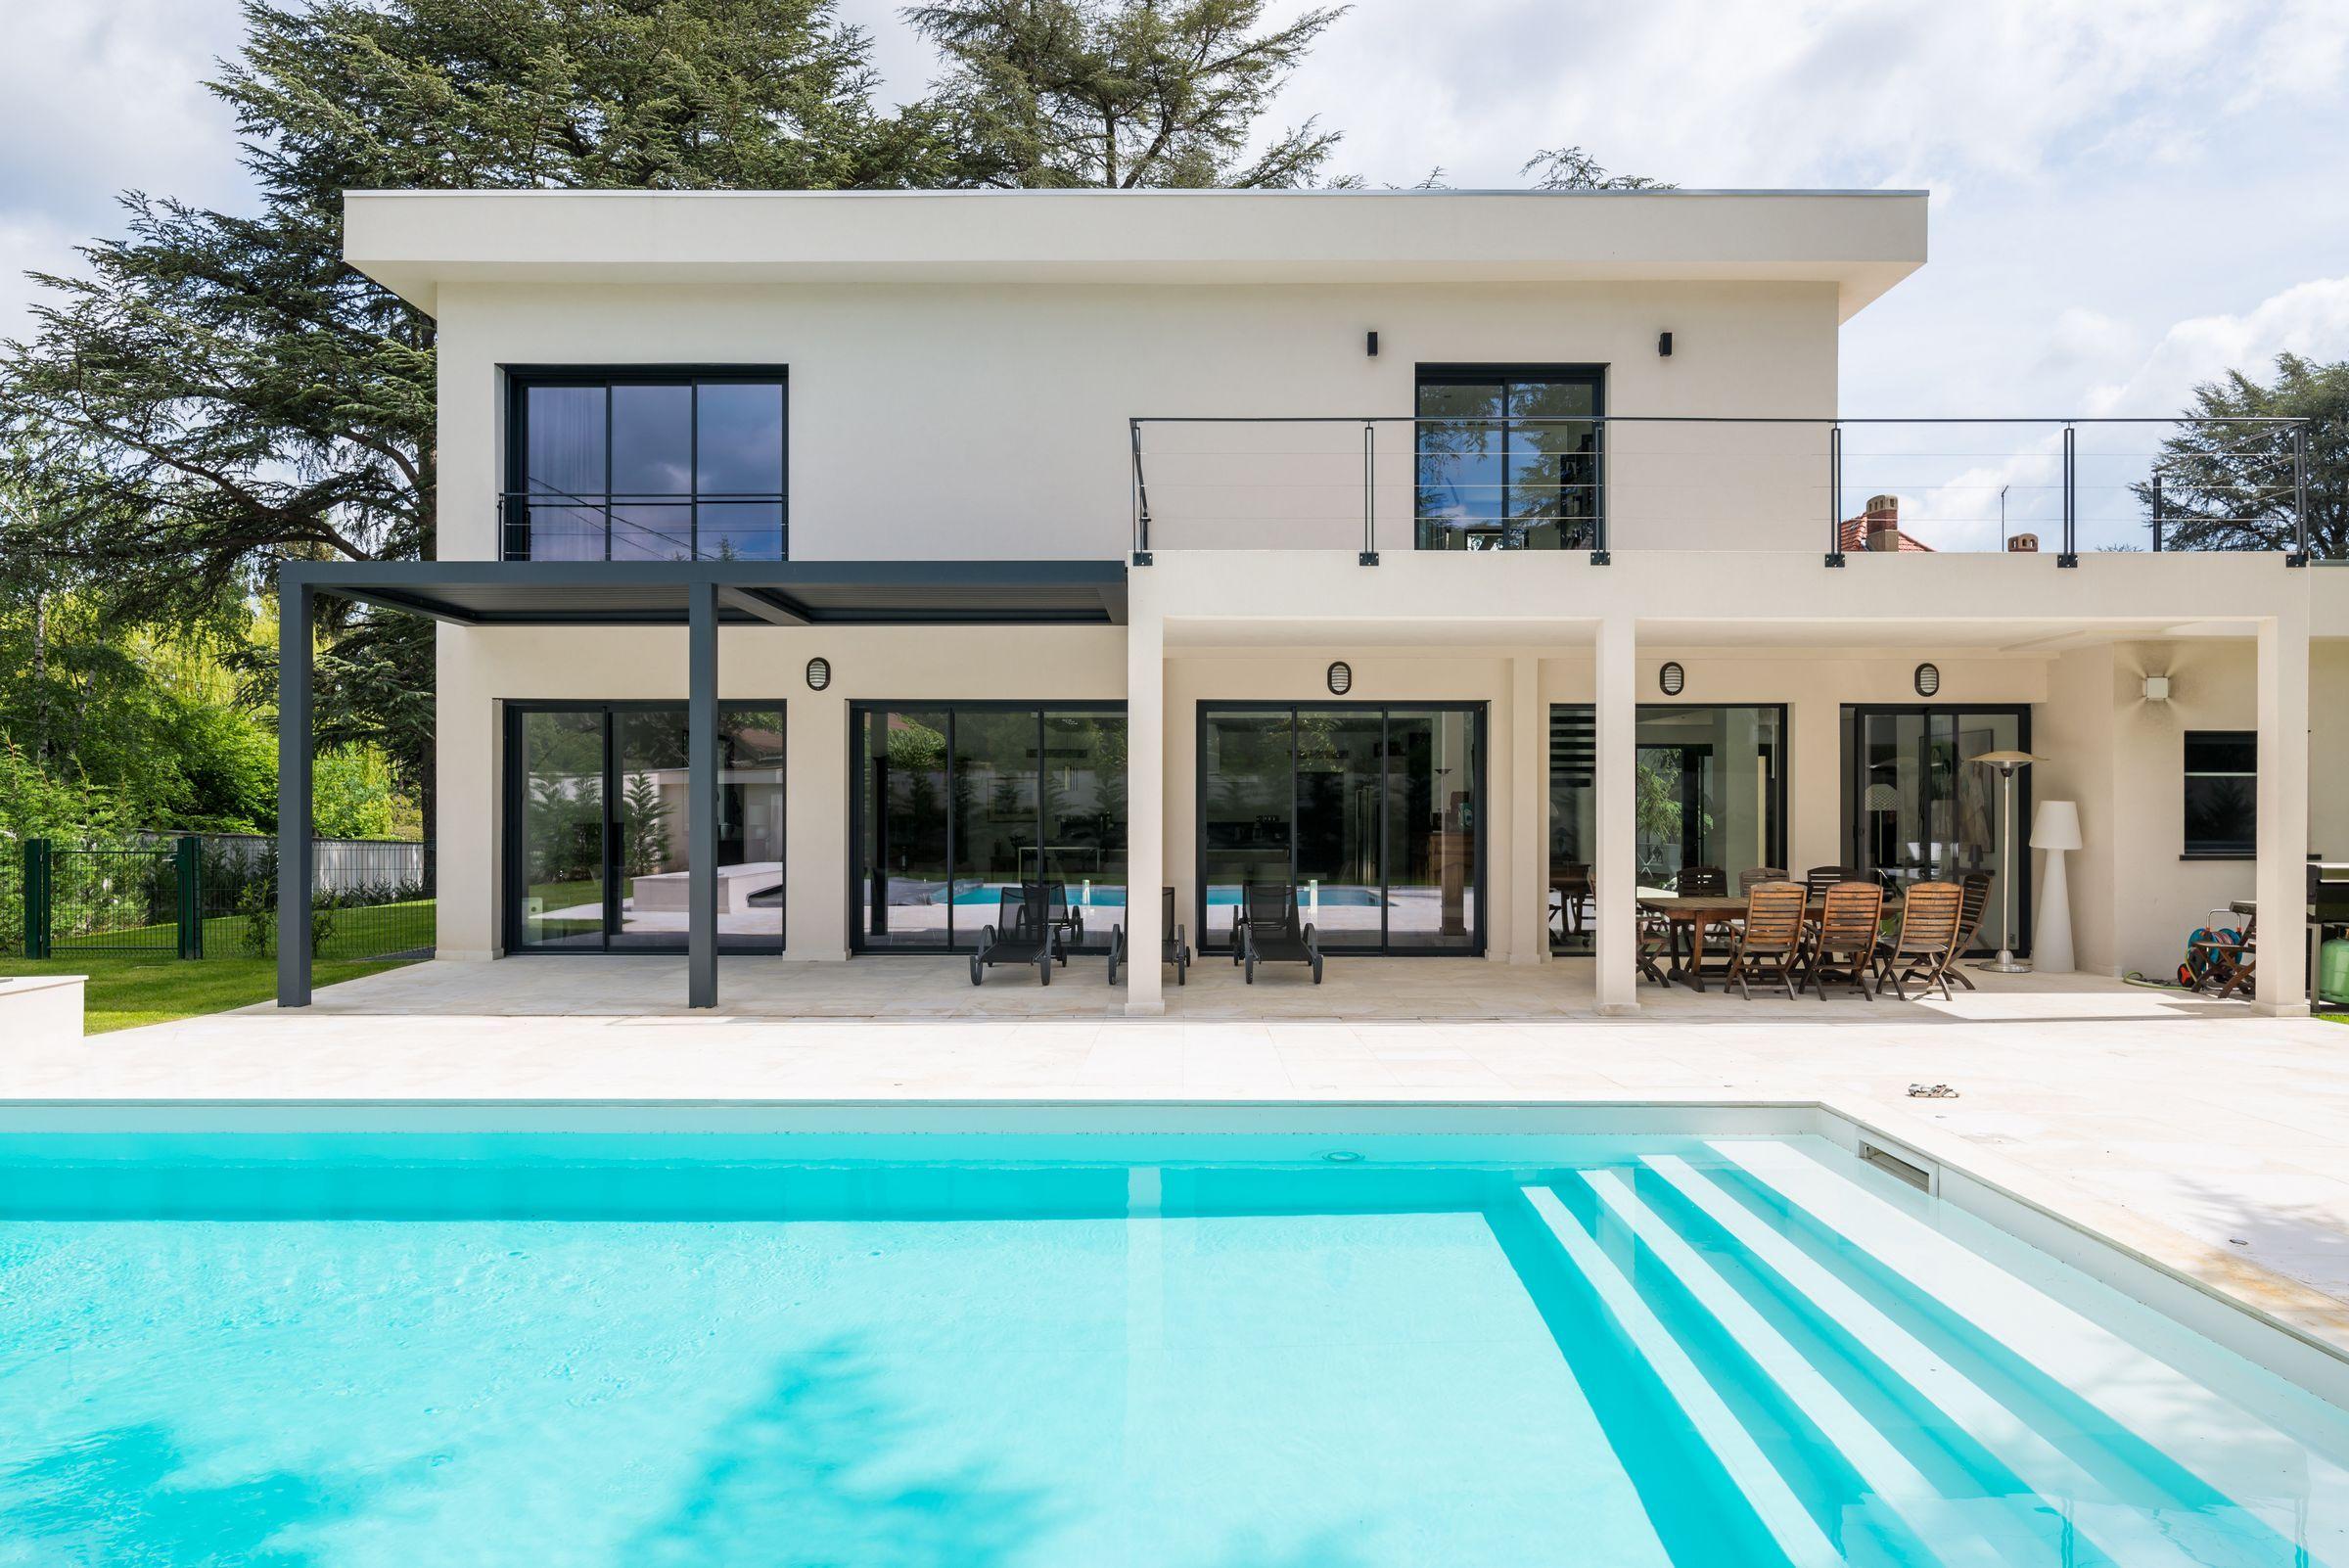 Piscine extrieure dans une villa  Saint Etienne par larchitecte dintrieur Laura Djabourian